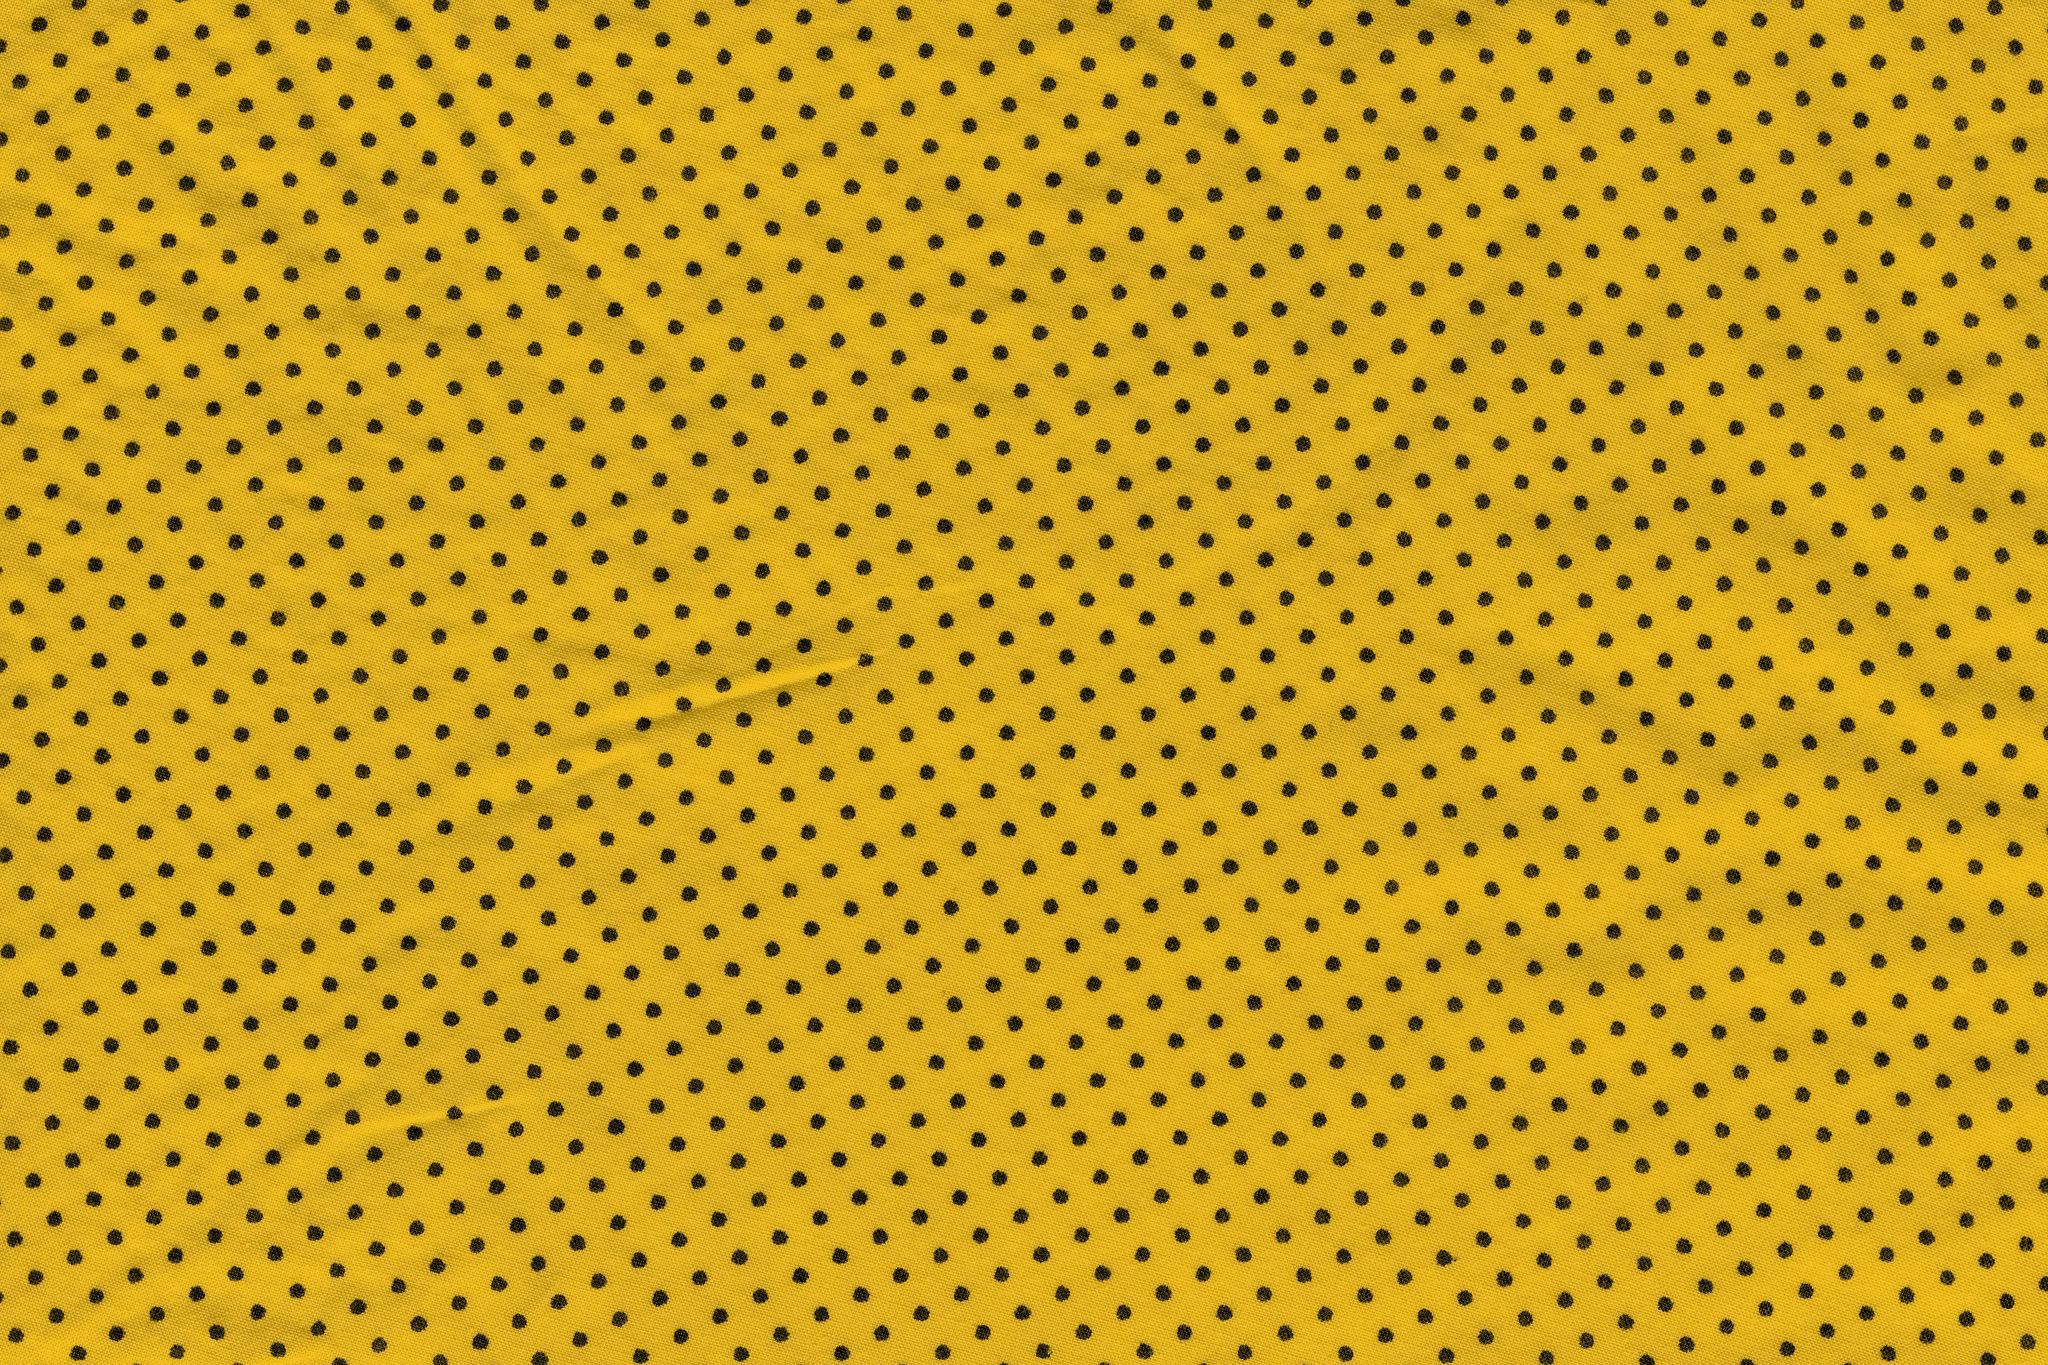 「水玉模様」の素材を無料ダウンロード